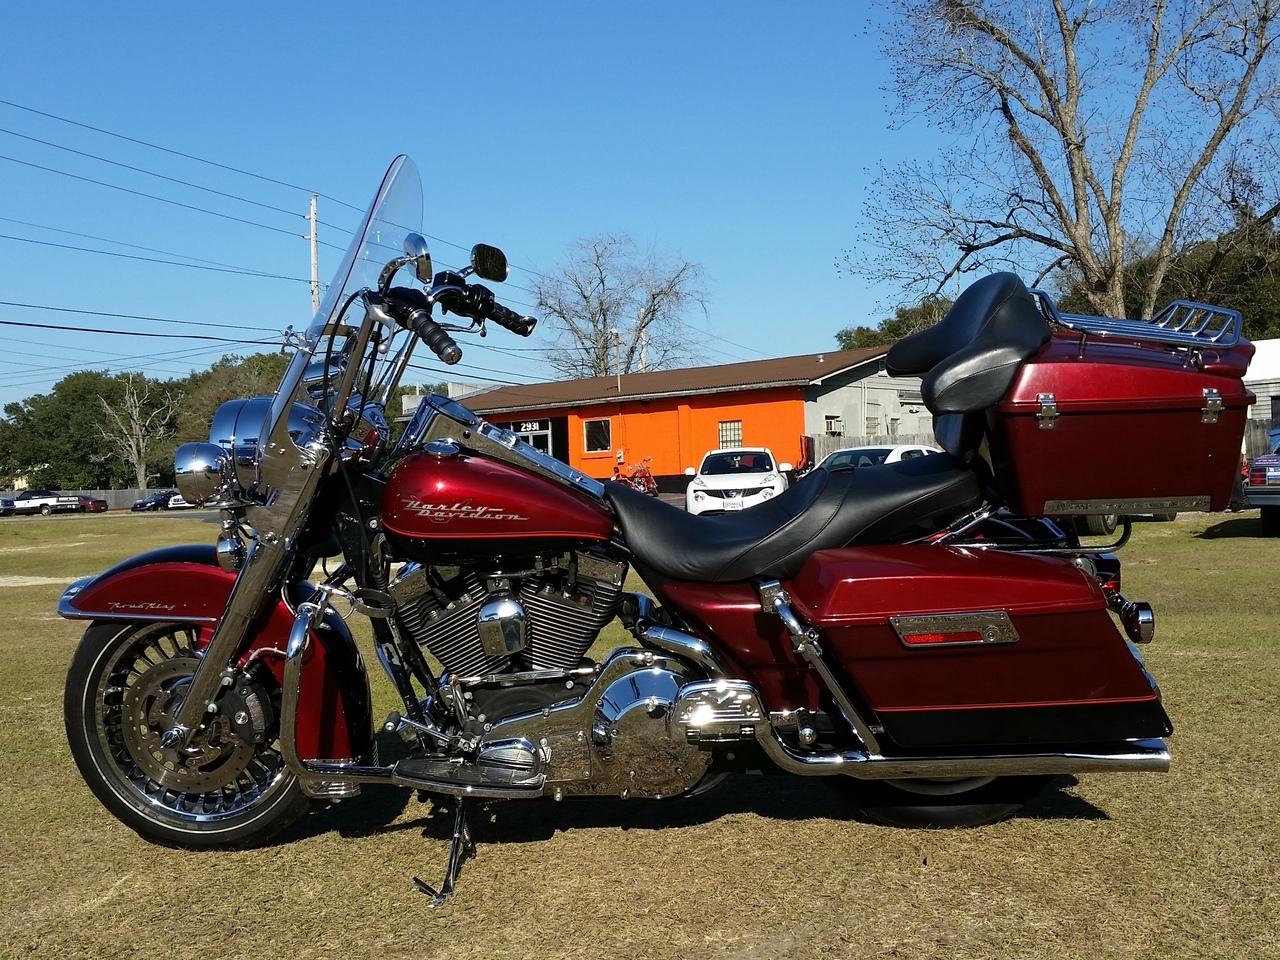 Used 2000 Harley Davidson Road King Transaction Price 7 490